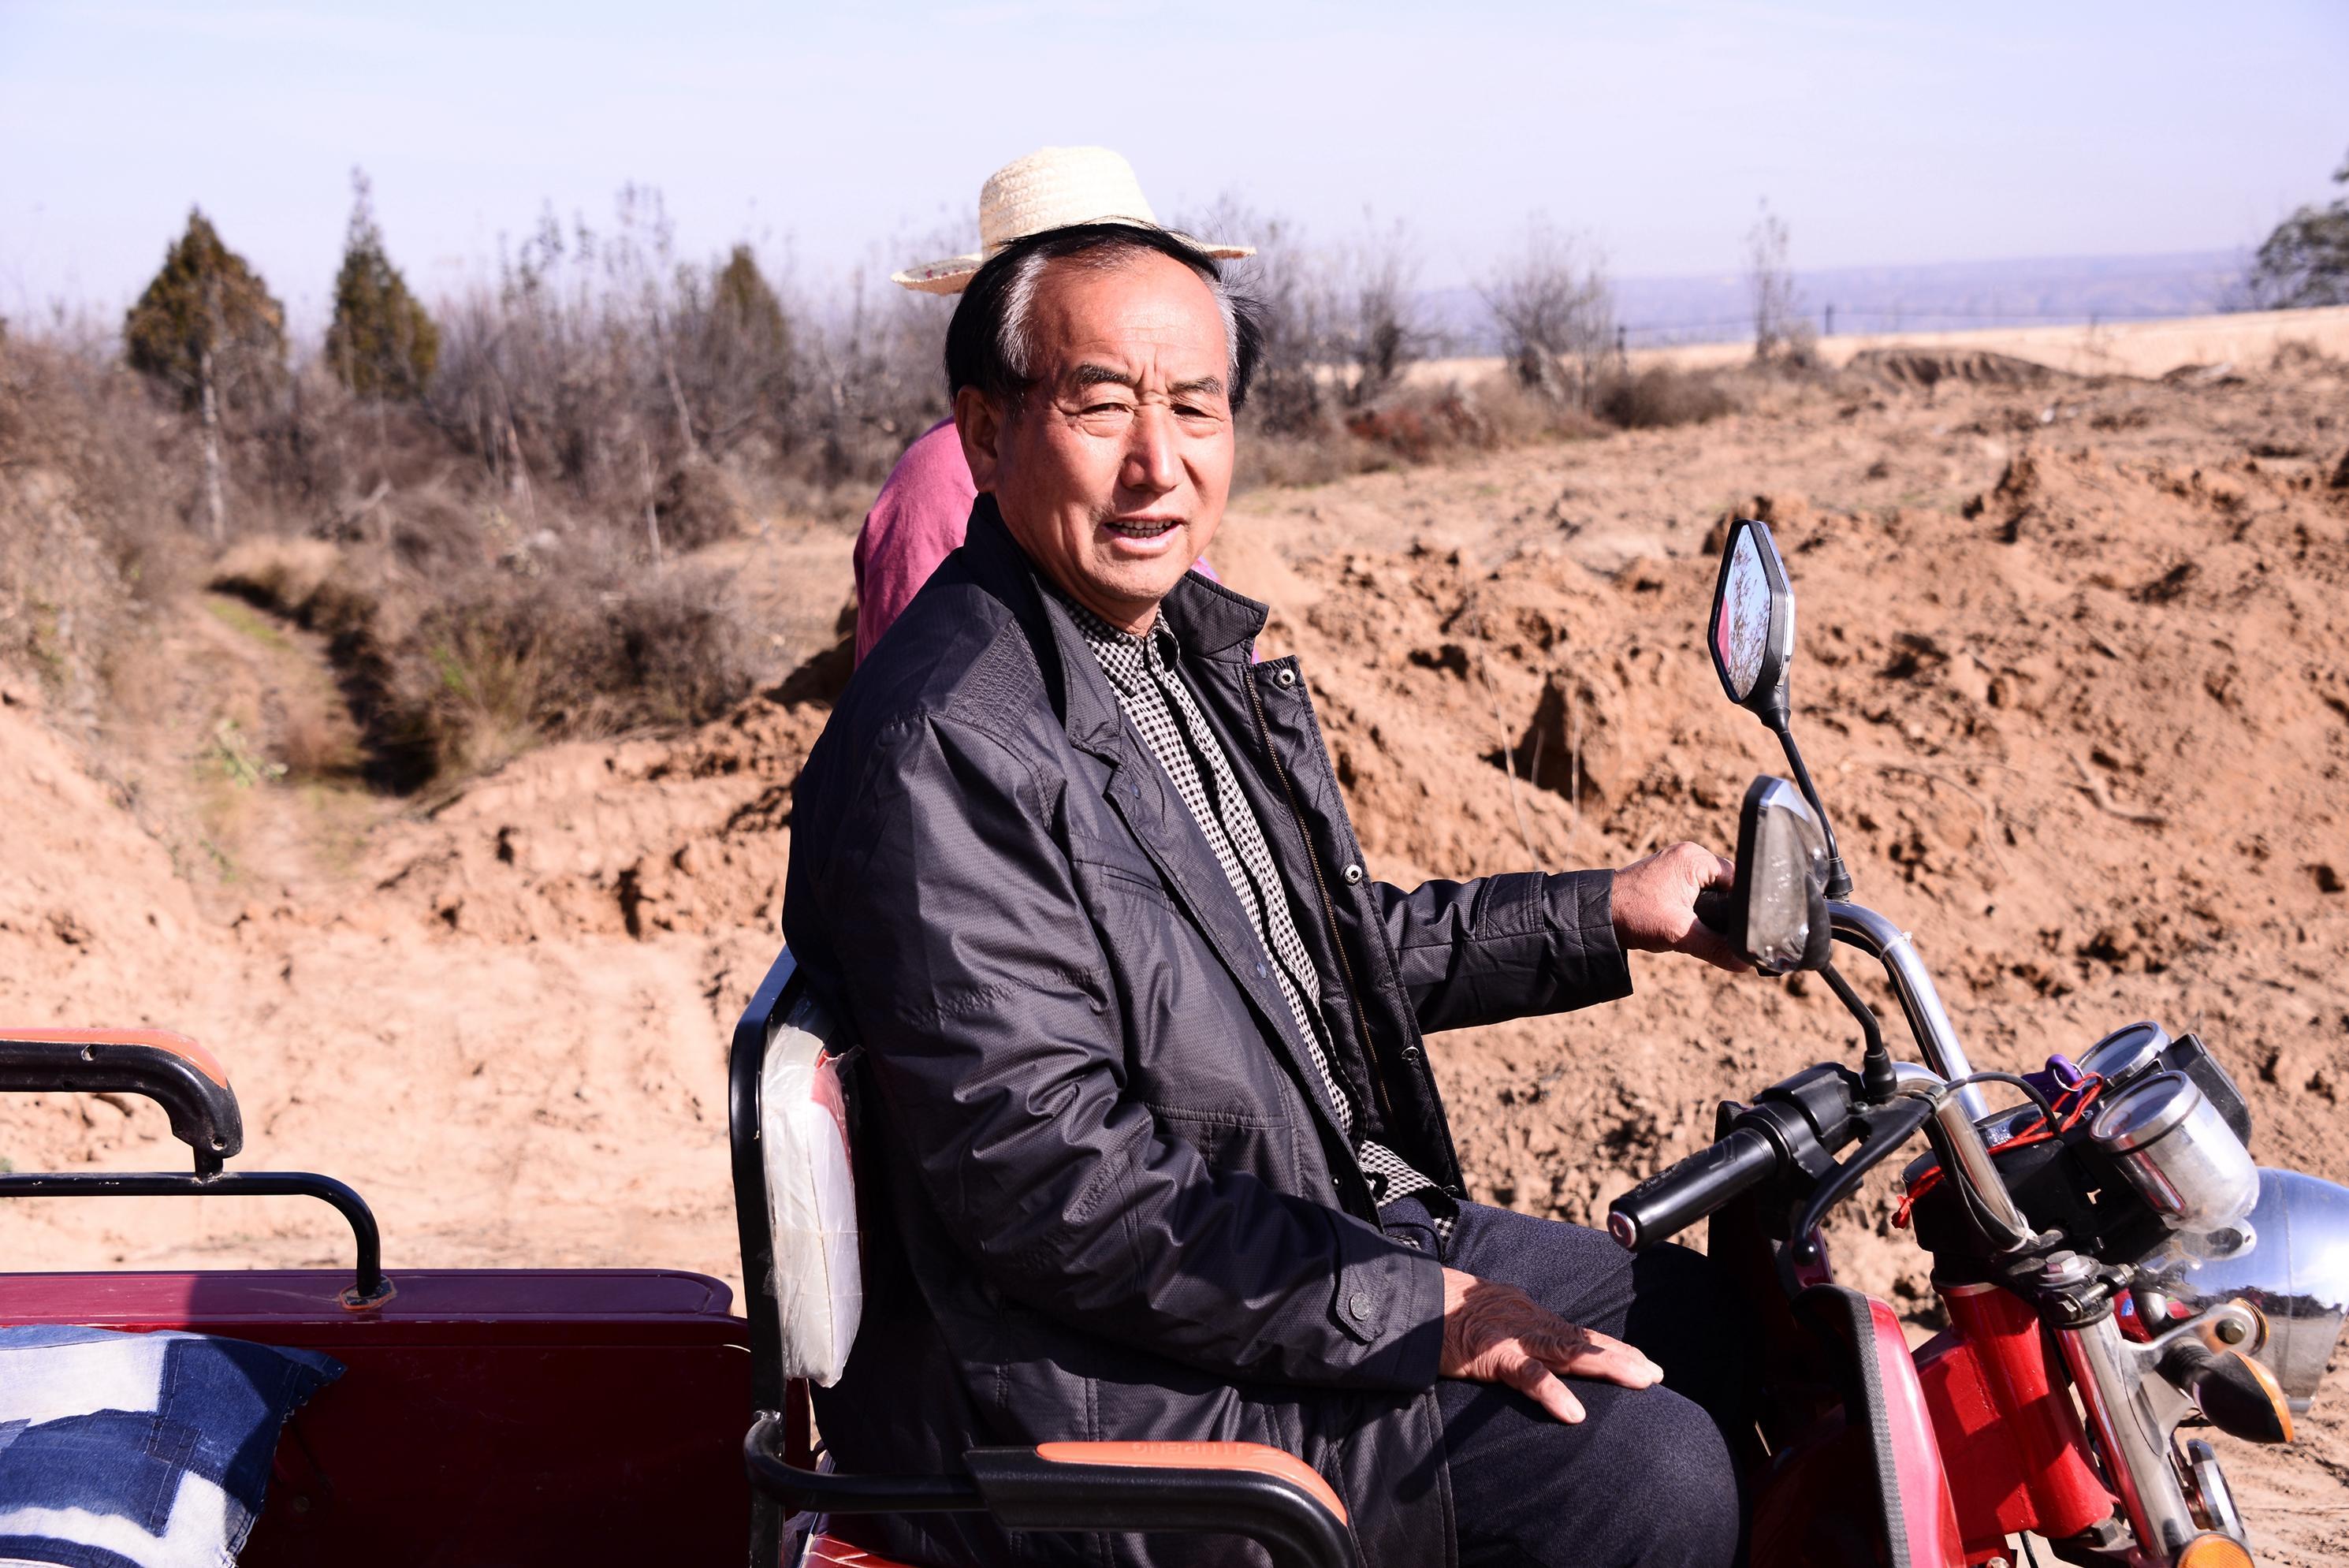 他小学文化,却带领全村人发展陕北特色旅游度假村